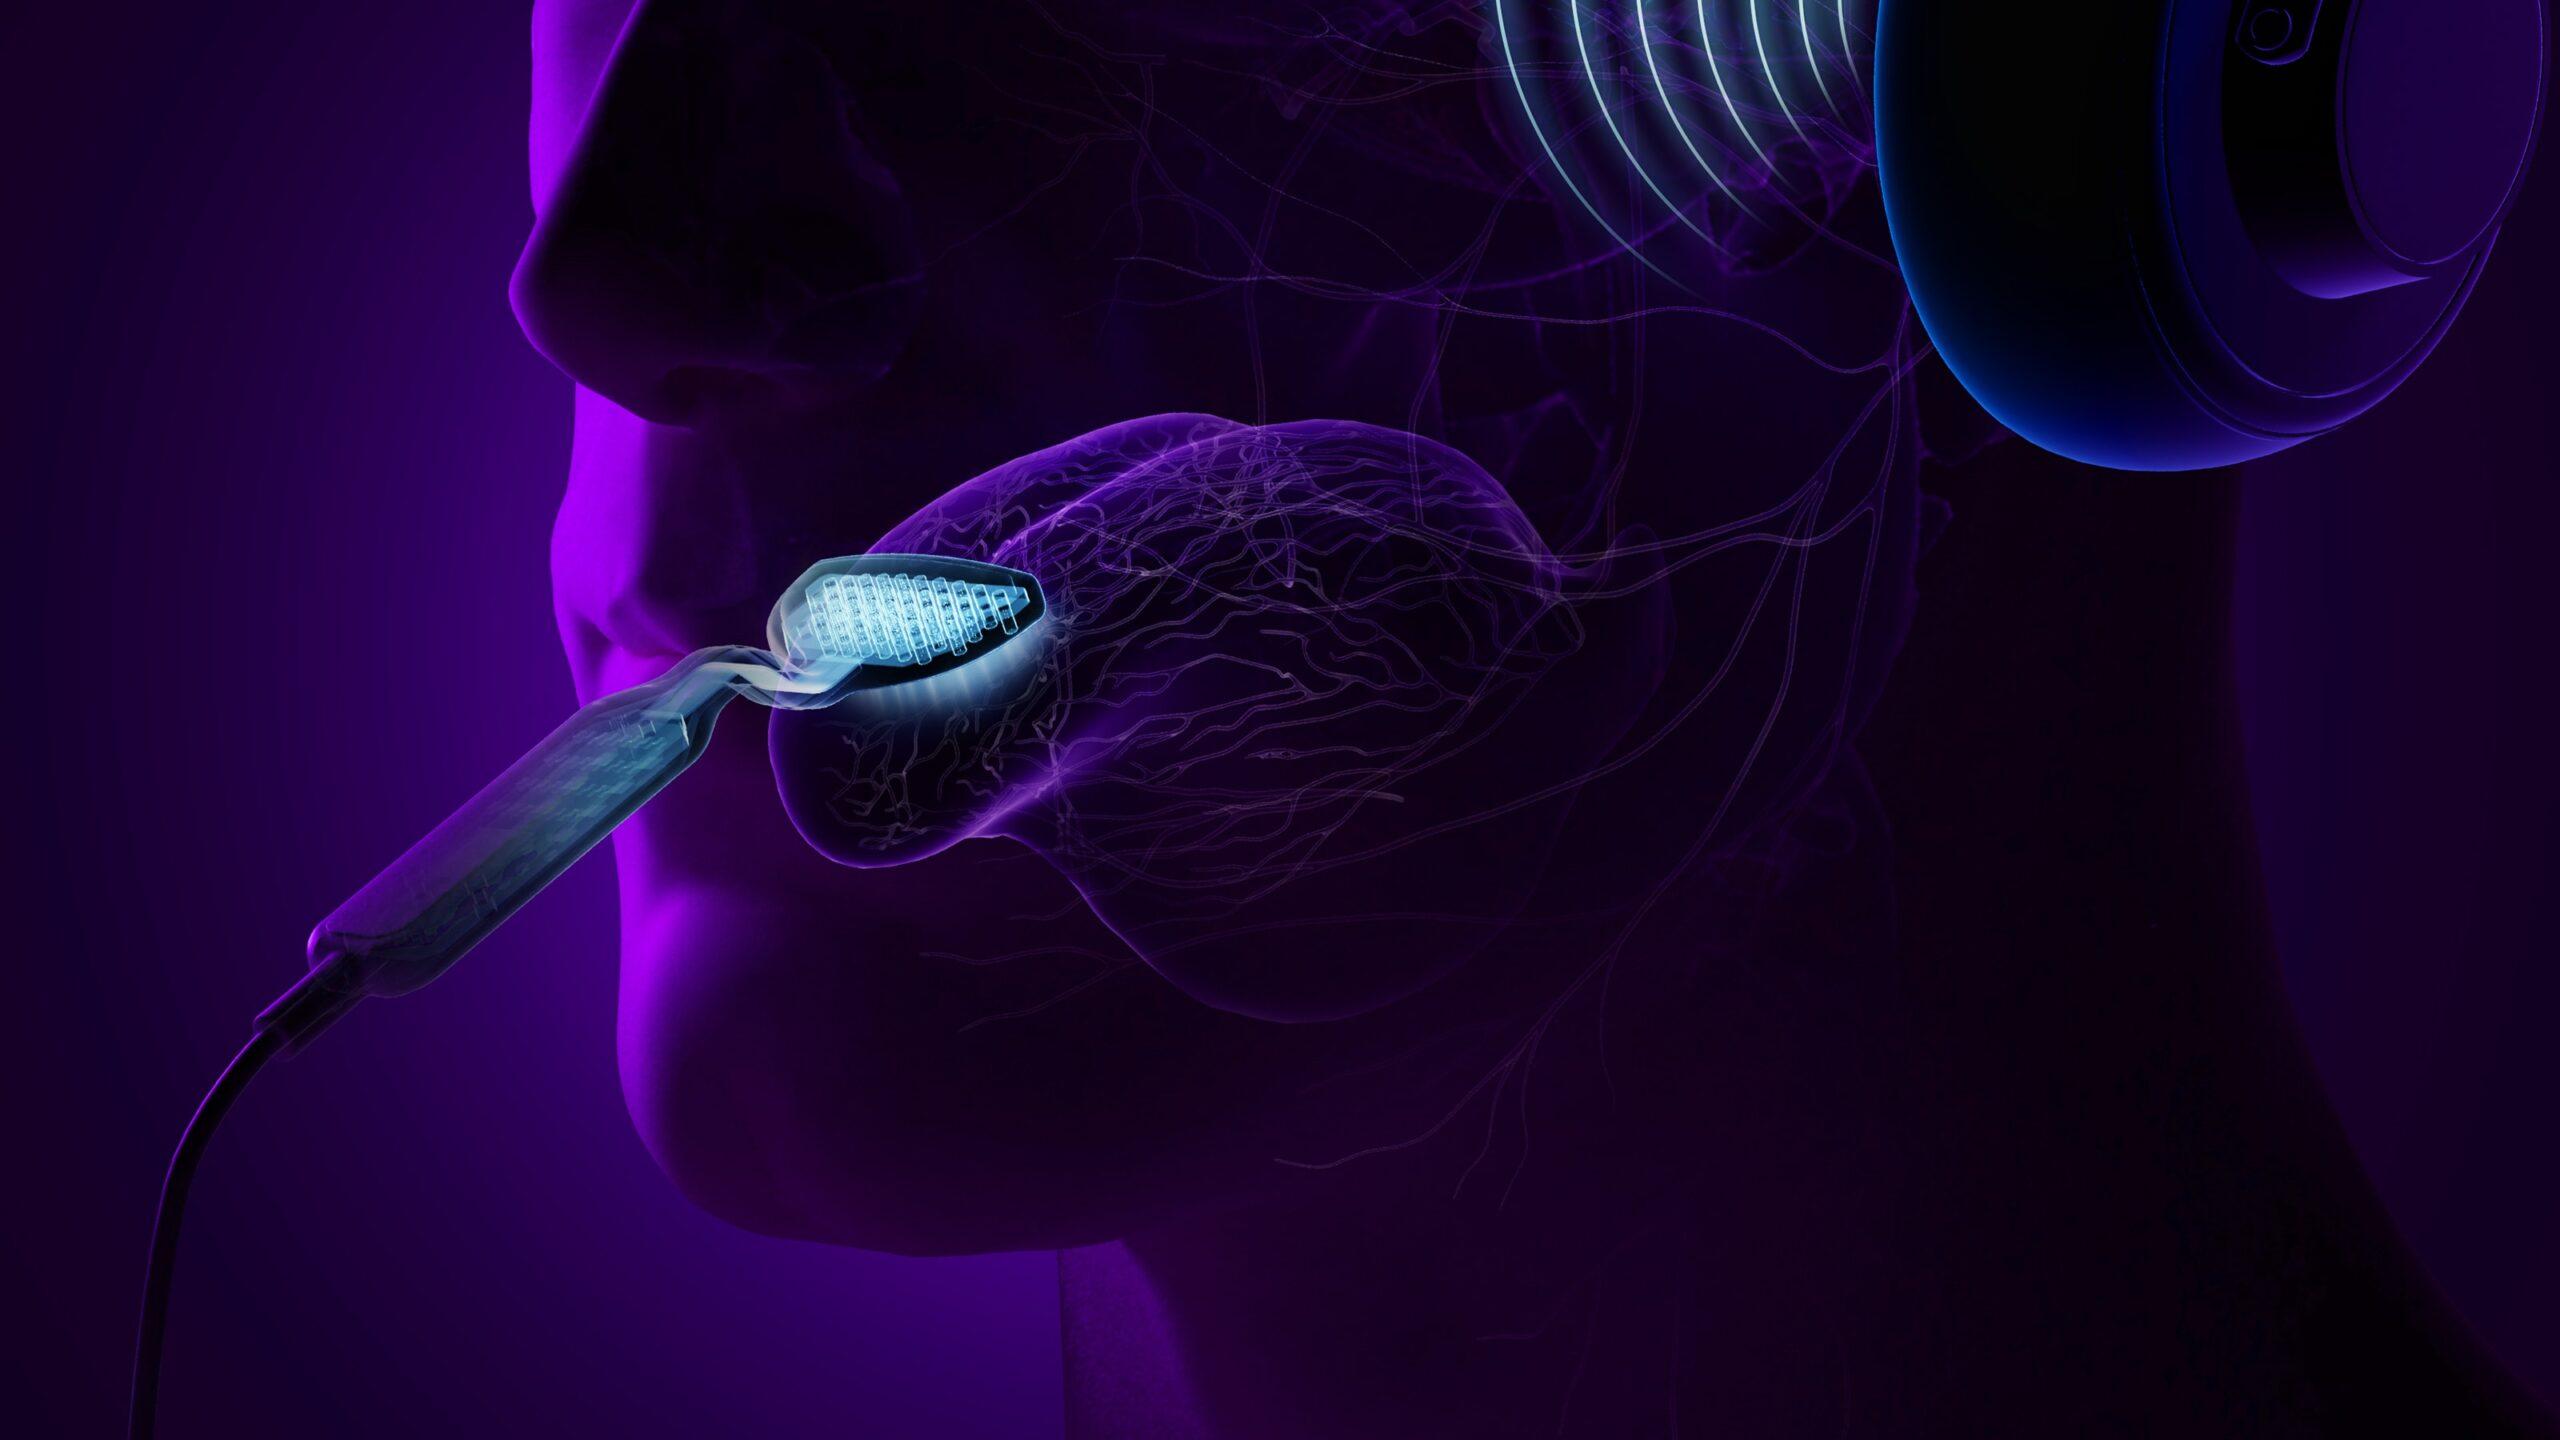 Rappresentazione del dispositivo Lenir per curare l'acufene.